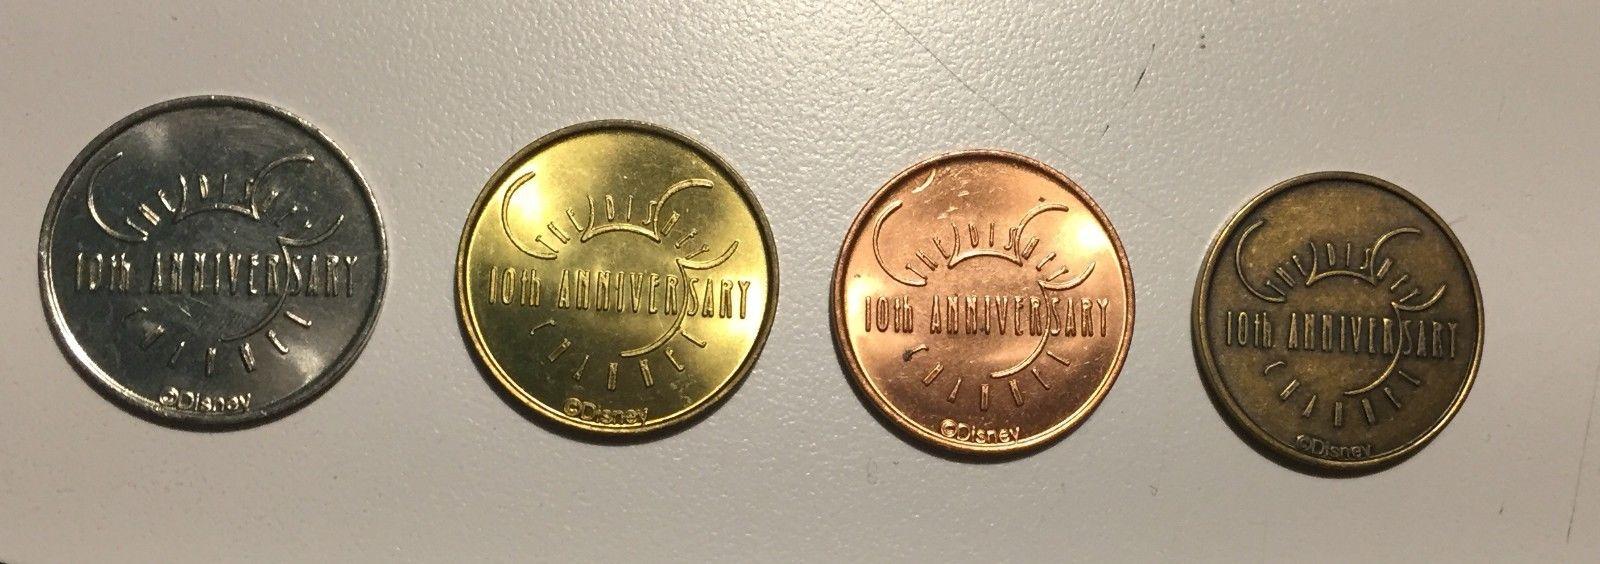 Disney Channel 10th anniversary promo Coin set COPPER, SILVER, GOLD, BRONZE